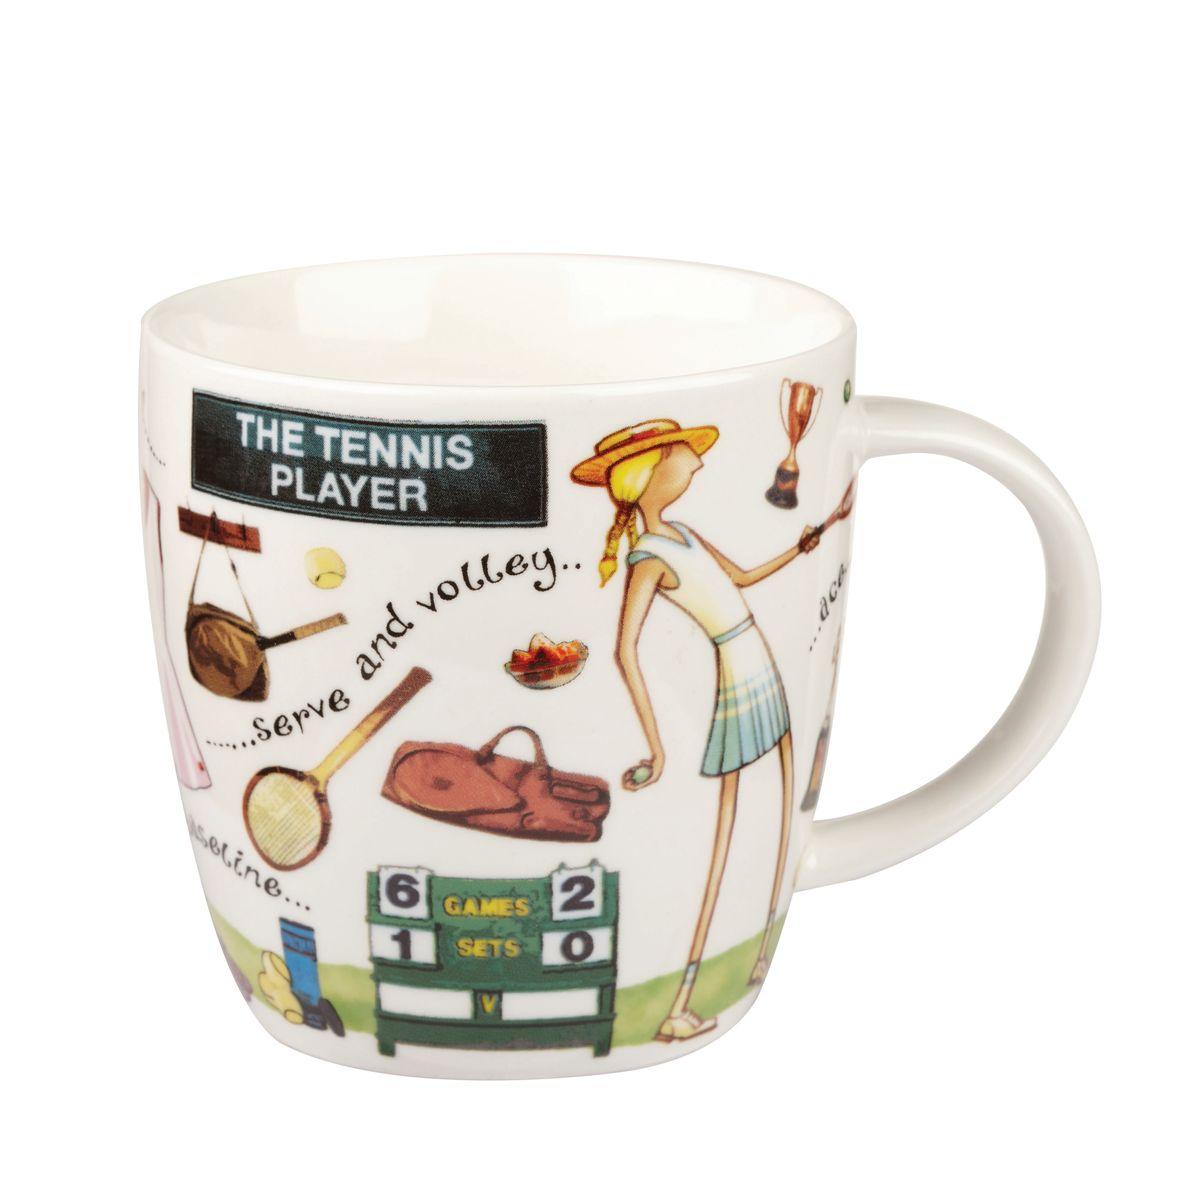 Кружка Churchill Теннисист, 400 млYOUR00211Кружка Churchill Теннисист изготовлена из высококачественного костяного фарфора. Внешние стенки дополнены оригинальным принтом. Такая кружка отлично подойдет для горячих и холодных напитков. С ней ваши любимые напитки будут еще вкусней. Коллекция На досуге призывает наслаждаться любимыми делами, например, заняться спортом. Коллекция отличается причудливыми веселыми рисунками и оригинальной подарочной упаковкой. Можно мыть в посудомоечной машине. Можно использовать в микроволновой печи.